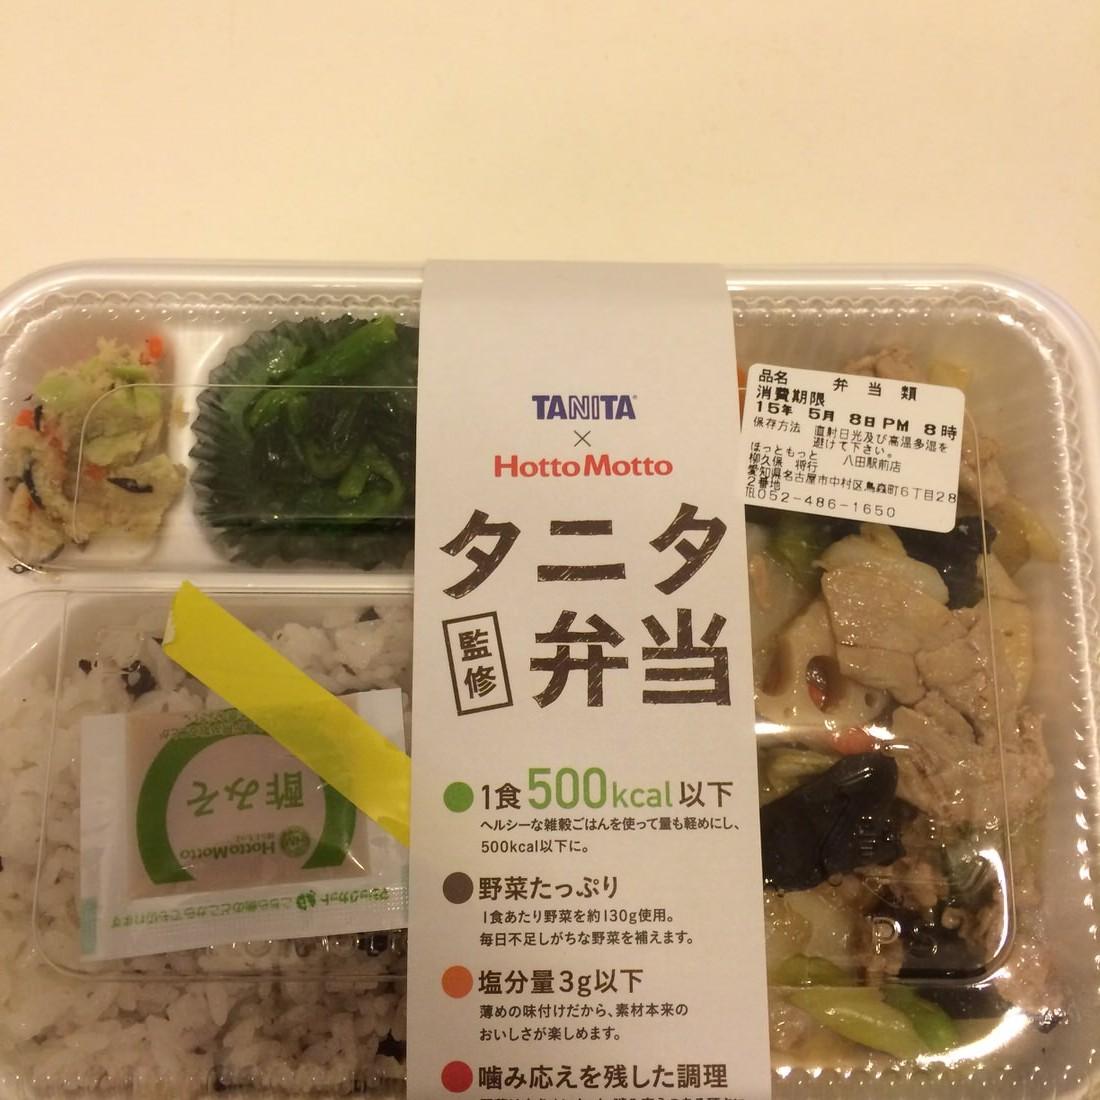 タニタ弁当-実物